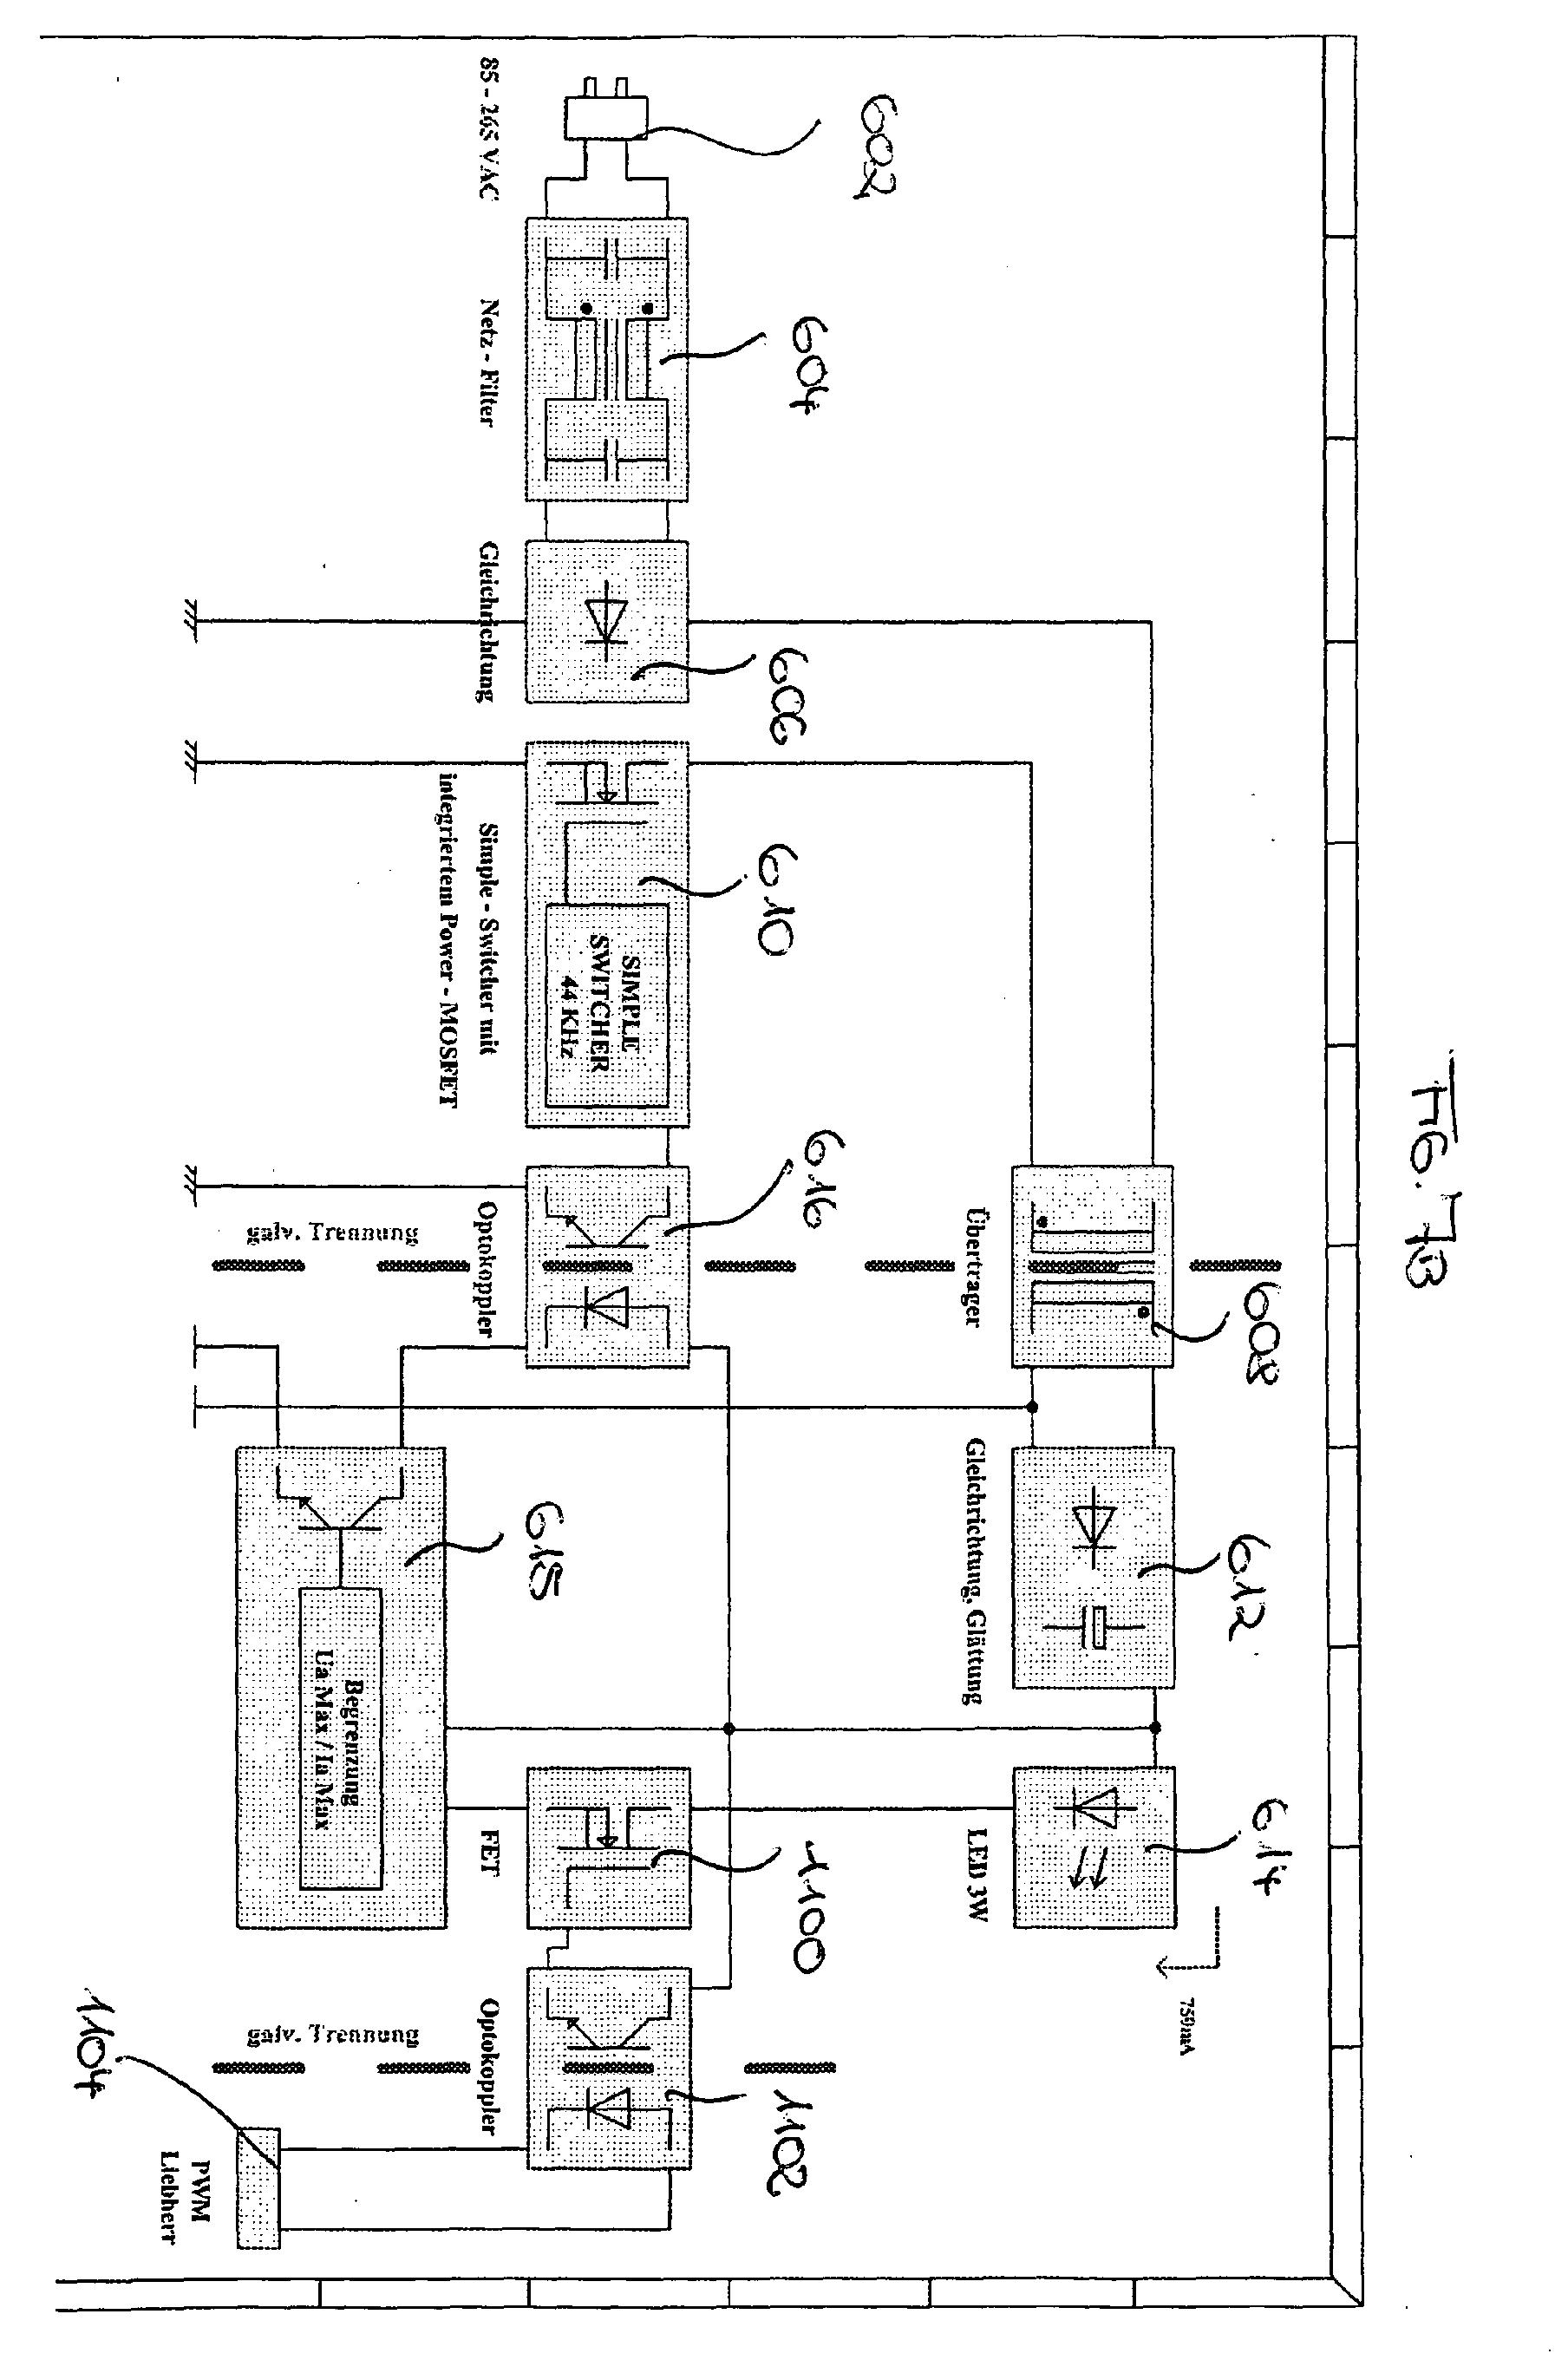 patent ep1533583a2 innenbeleuchtung f r ein temperierger t mit einer leuchtdiode als. Black Bedroom Furniture Sets. Home Design Ideas